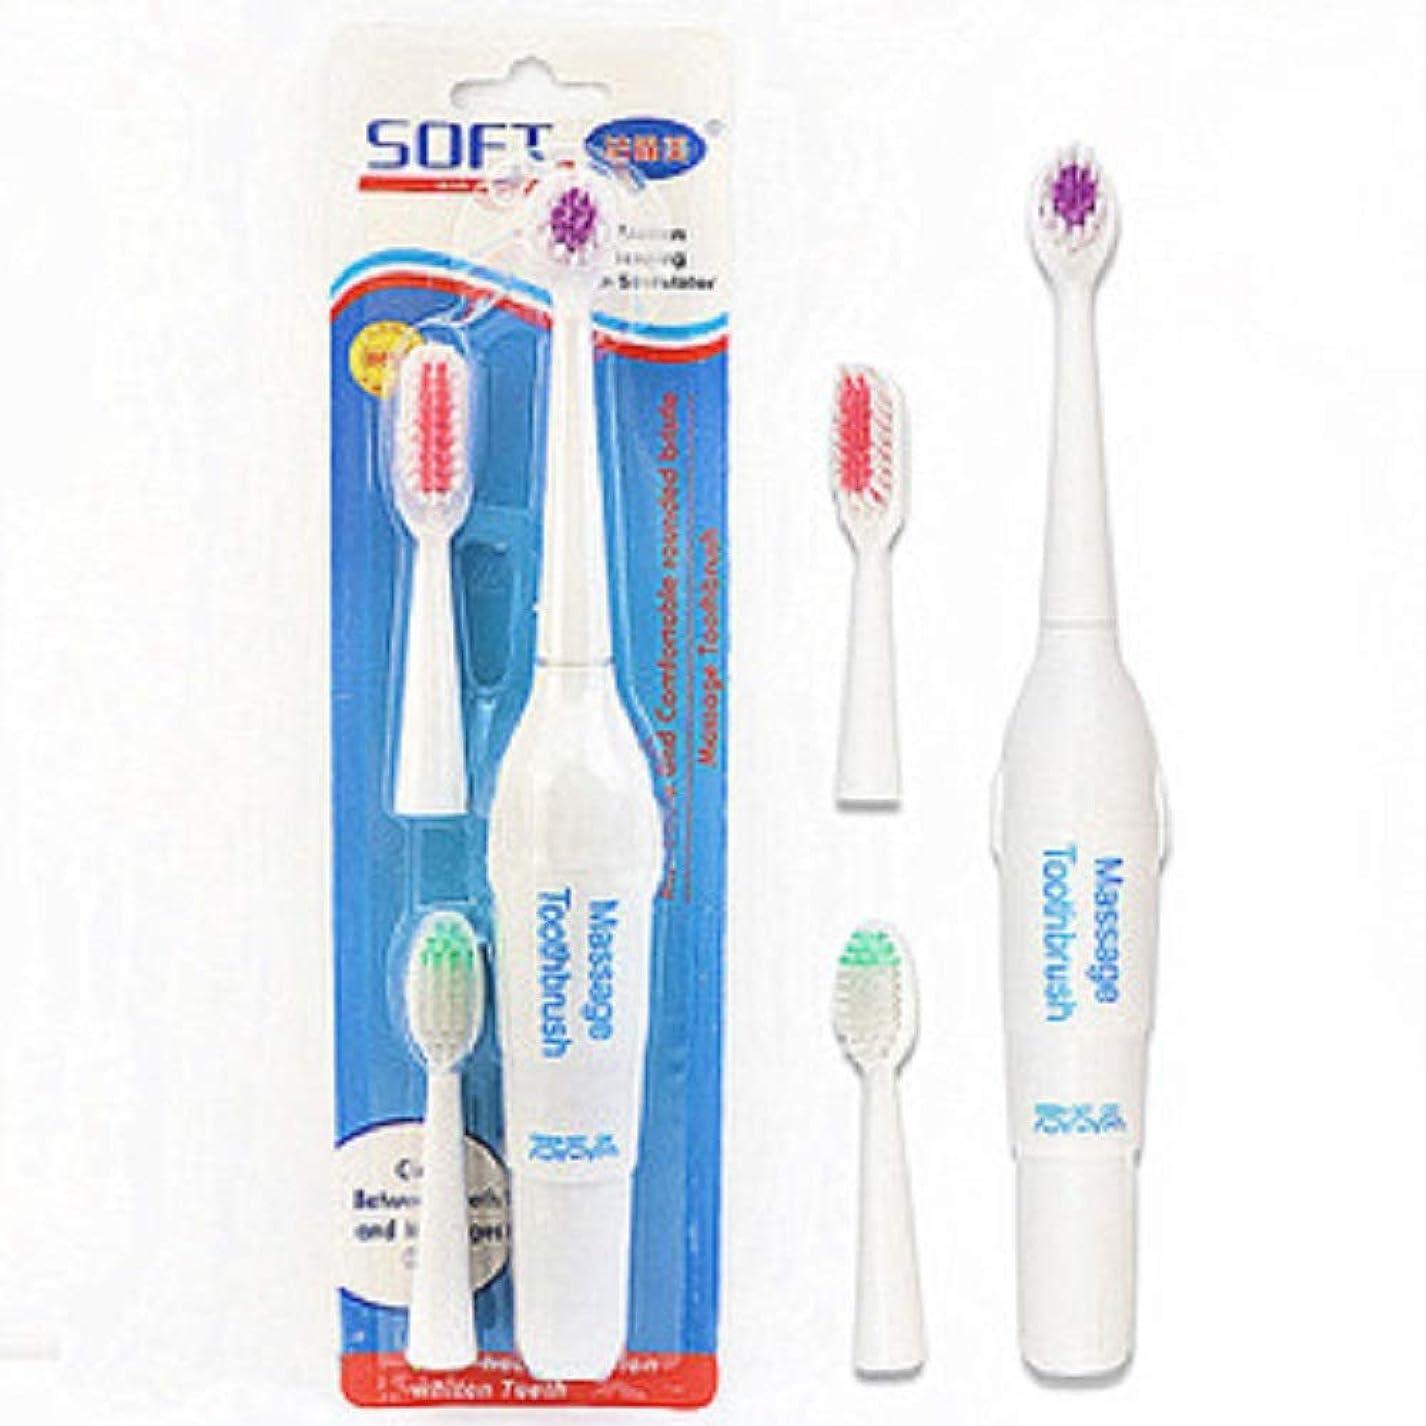 グラフィック期待するフラスコペット電動歯ブラシ犬猫電動歯ブラシ、バッテリーなし(ハンドルフォントはランダムに3色で送信されます)(ホワイト)